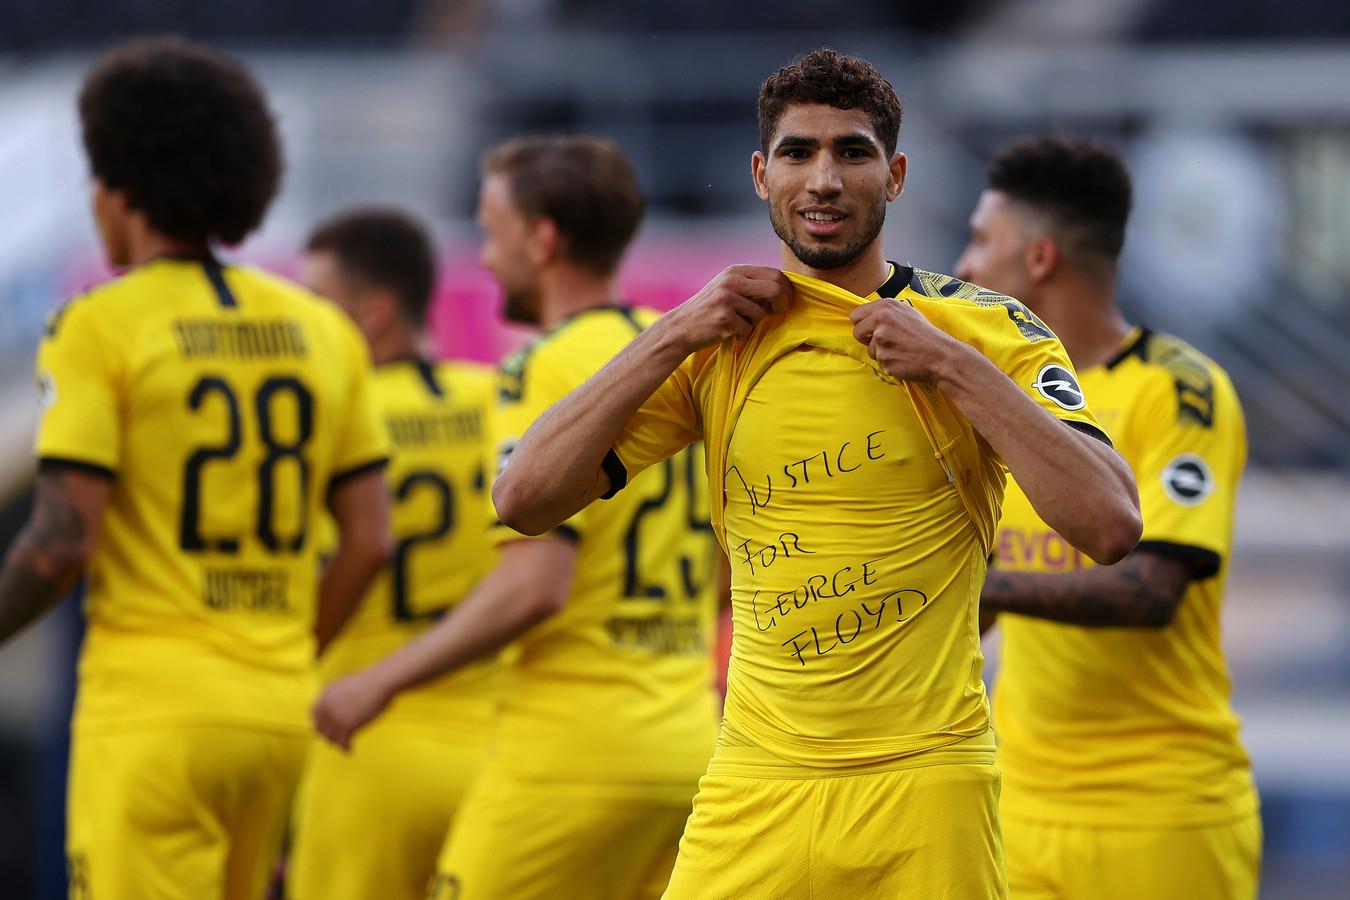 Achraf Hakimi toont zijn shirt met de tekst 'Justice for George Floyd' na zijn goal namens Borussia Dortmund tegen SC Paderborn.